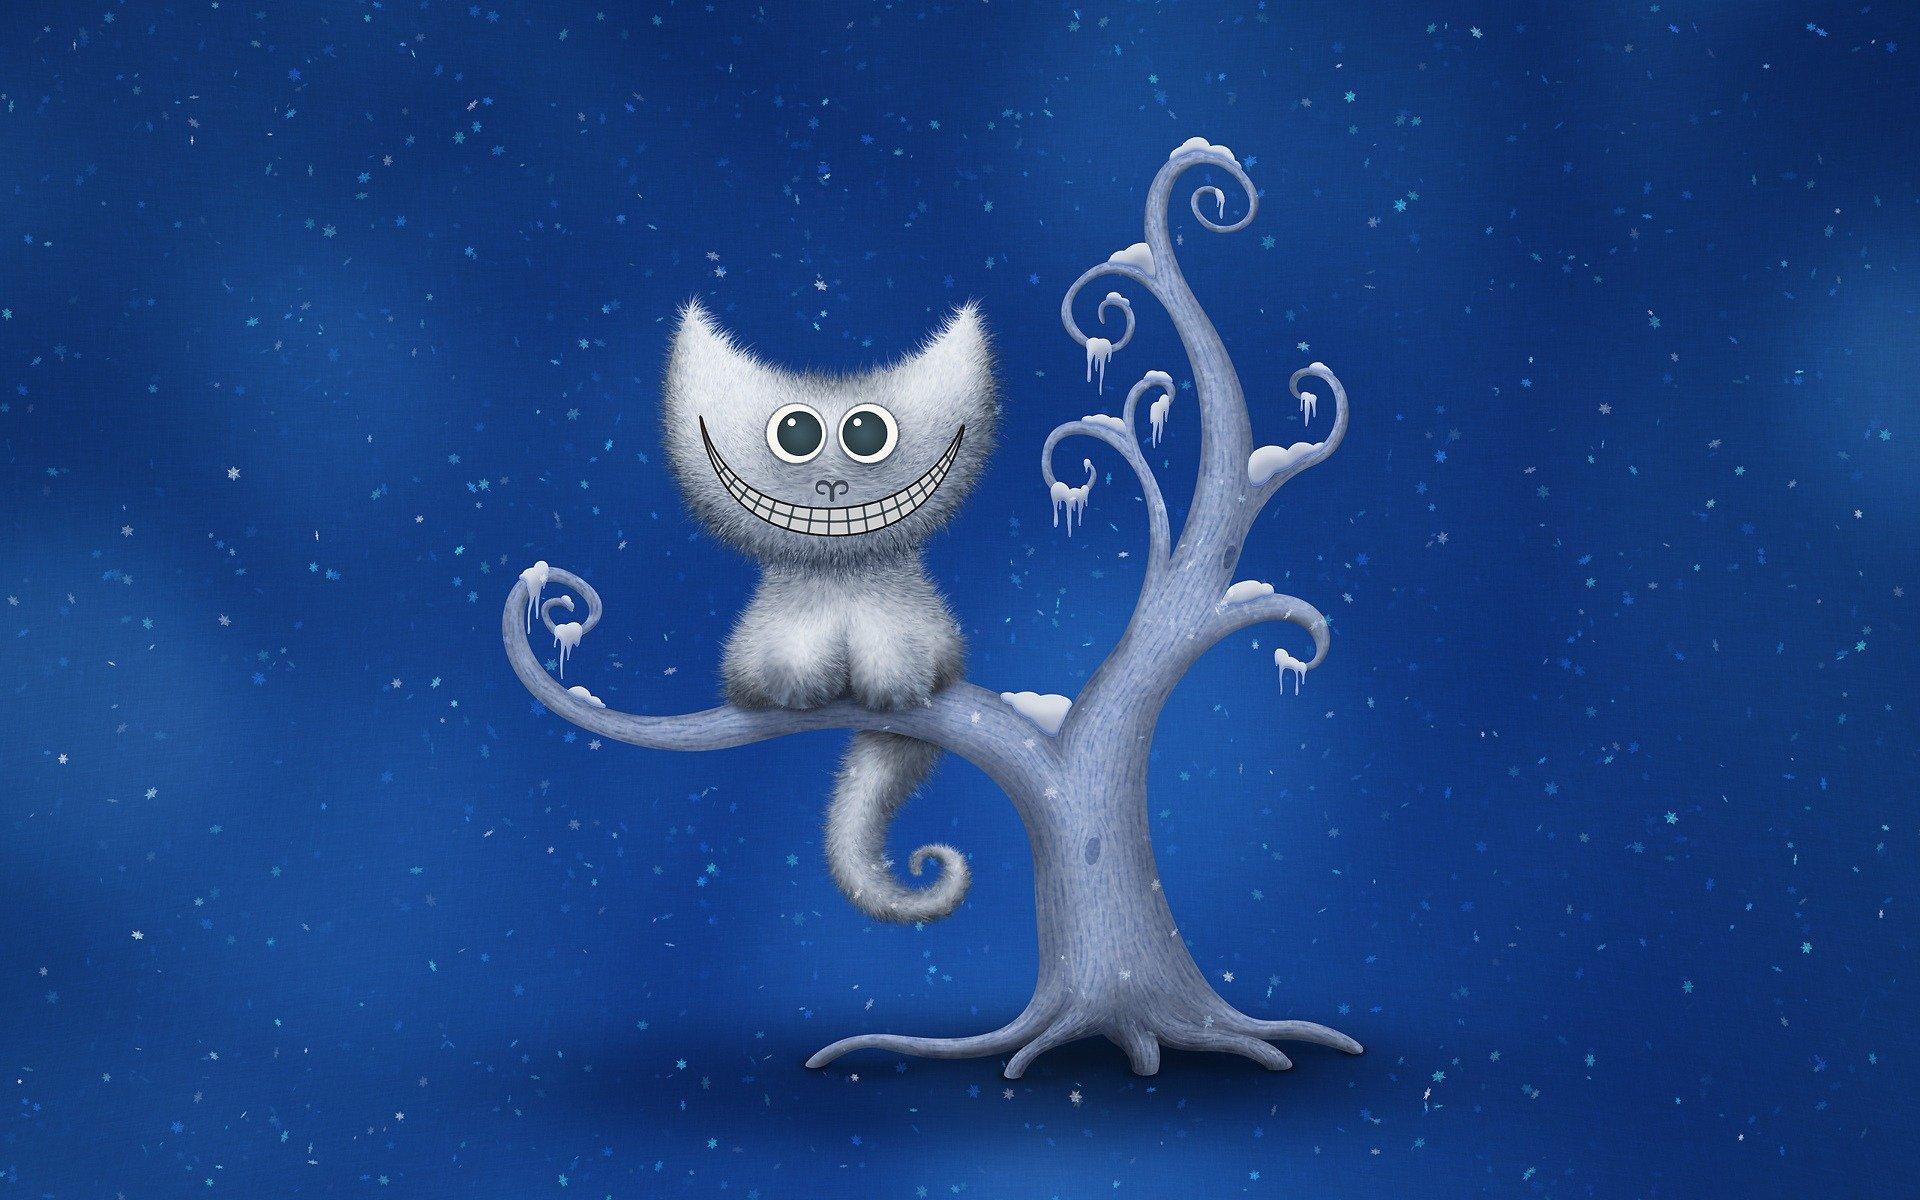 Смешные рисунки зимние, тему медицины доброй